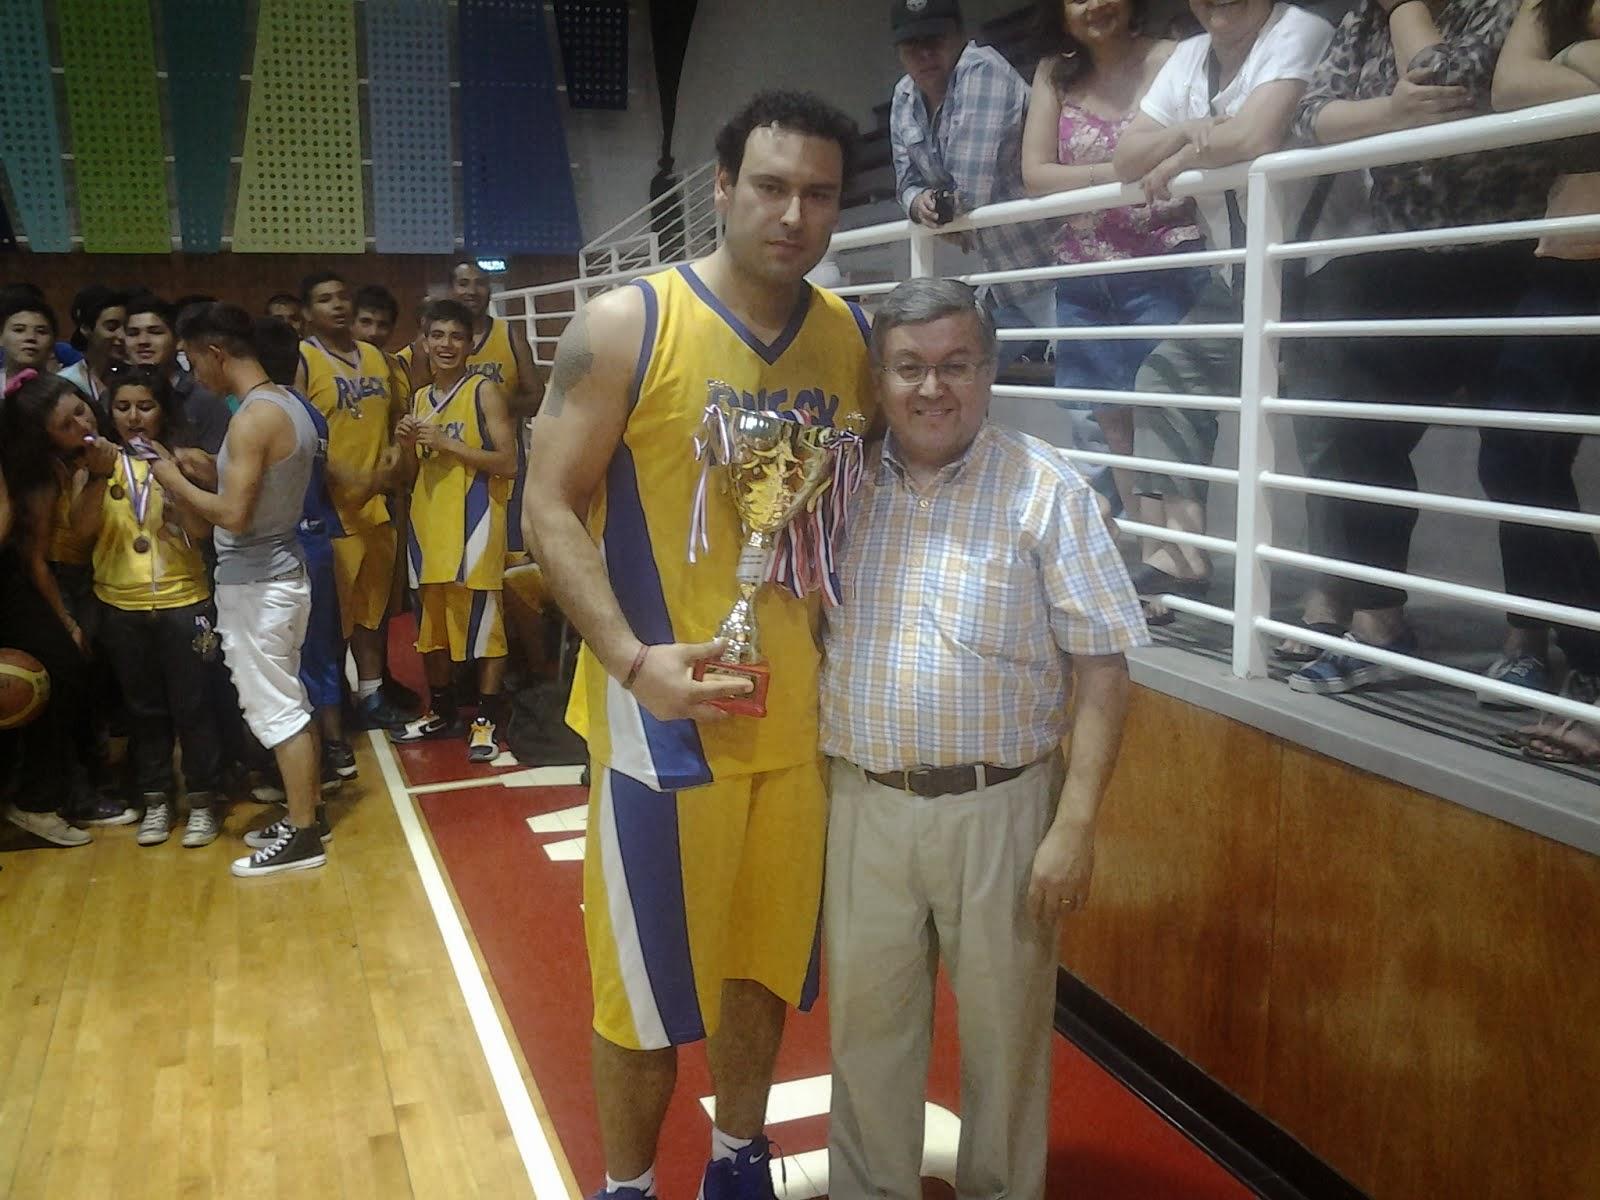 El Capitán recibiendo la copa del campeón